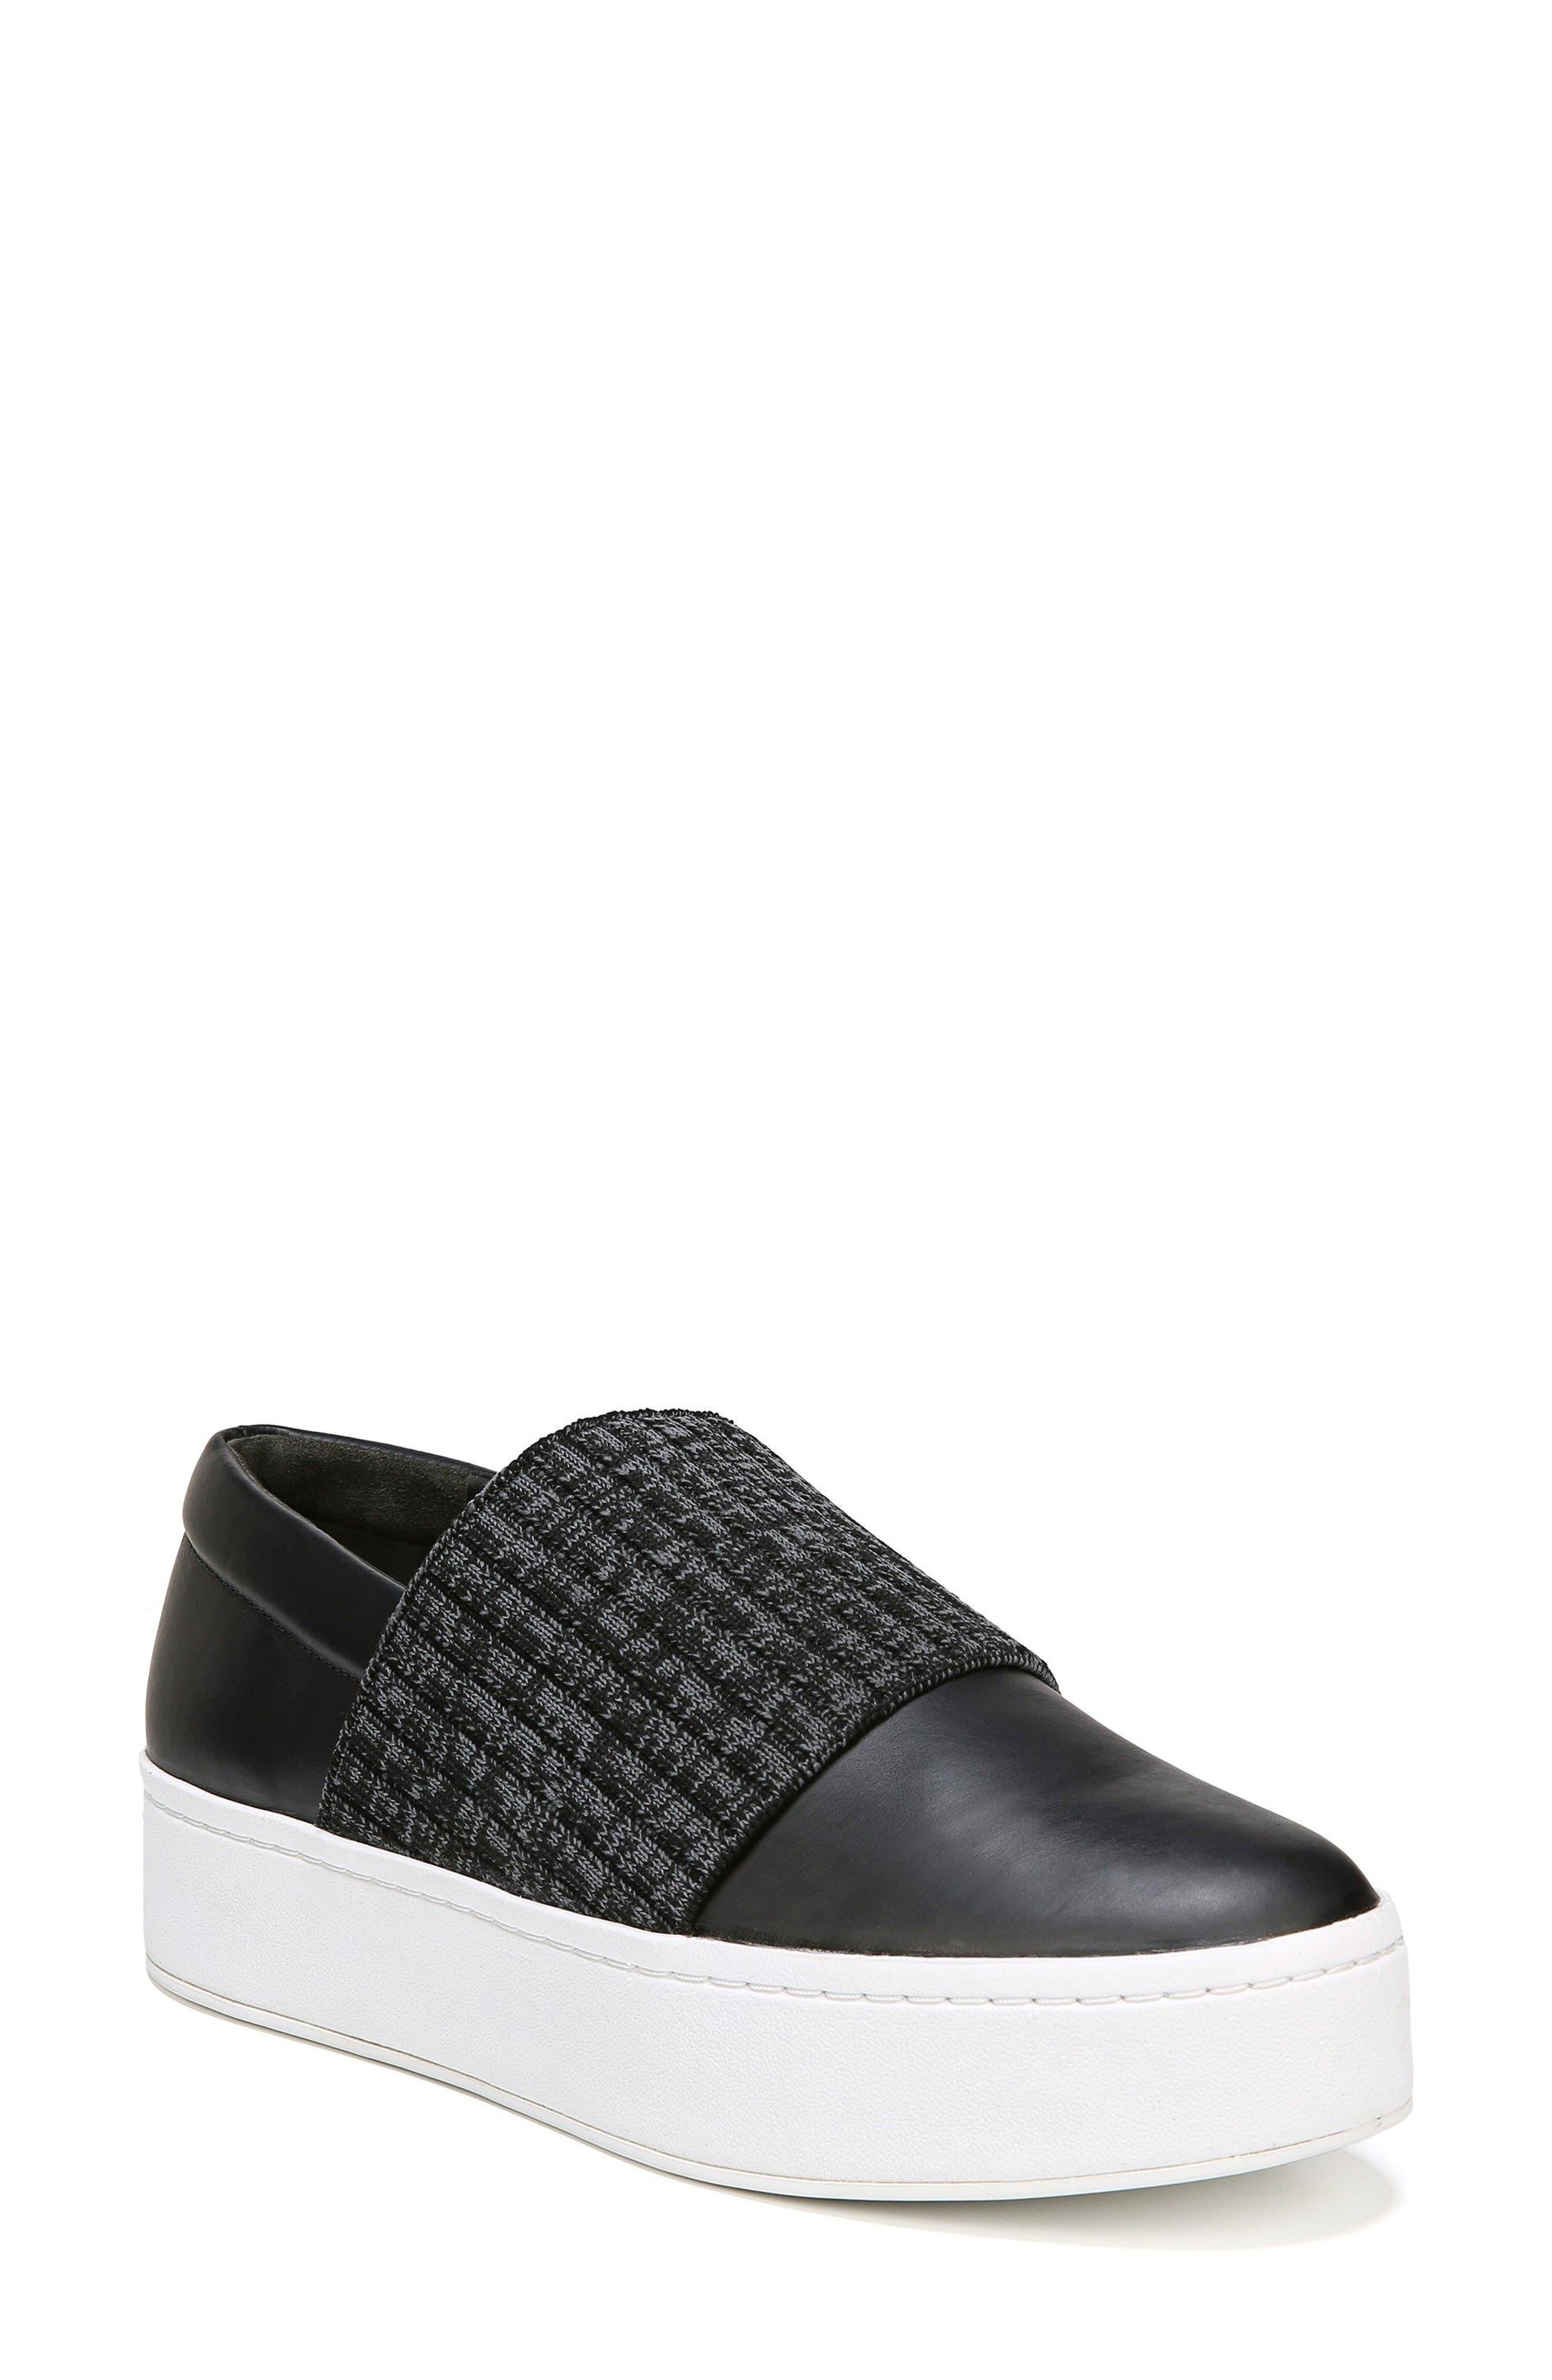 Weadon Slip-On Sneaker,                         Main,                         color, 002